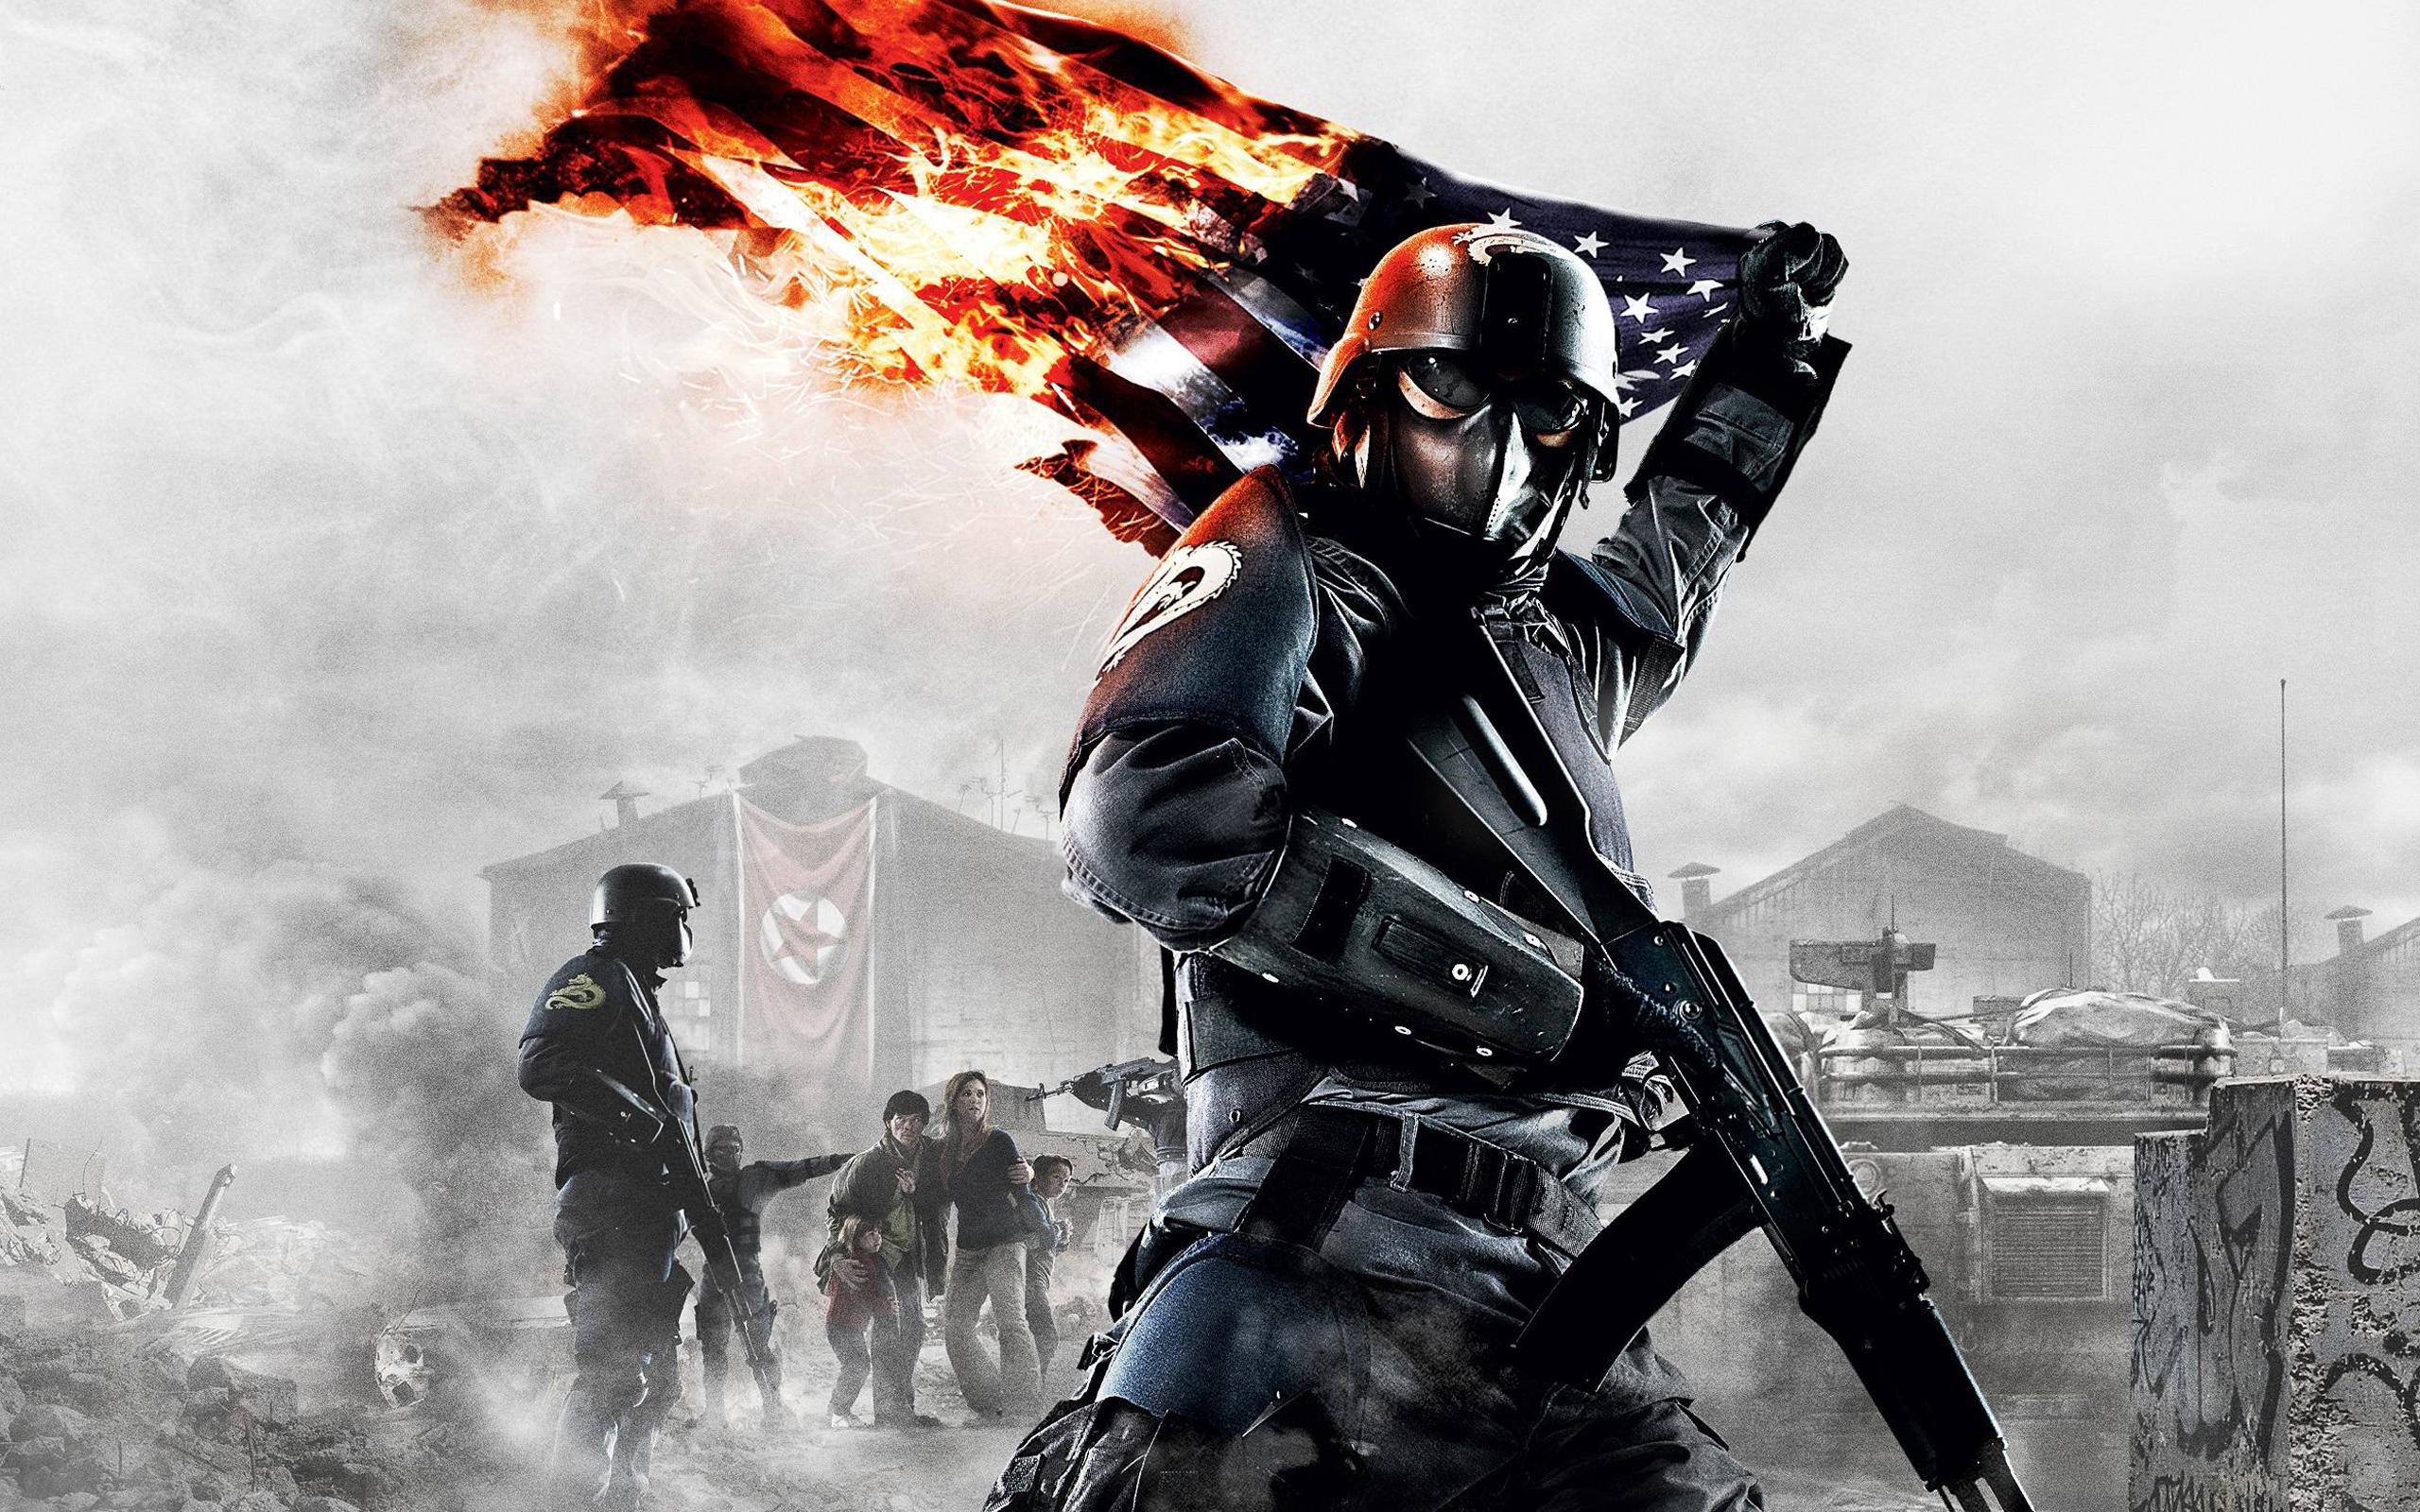 Military Patriotic Wallpaper For Desktop